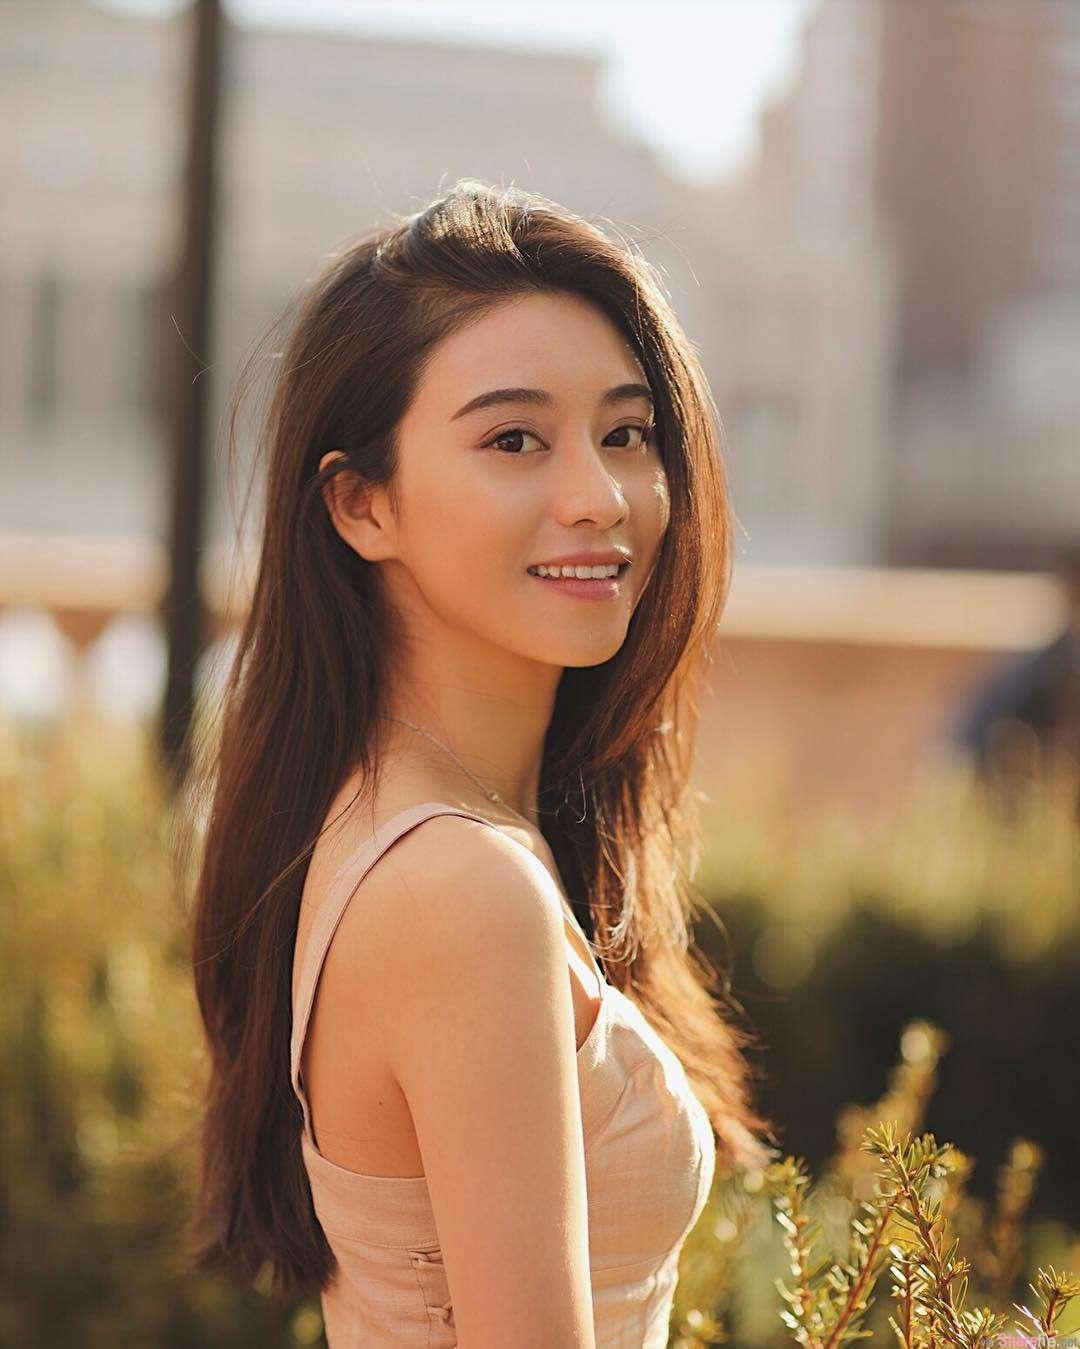 留美正妹Maple Liu,美到炸裂!